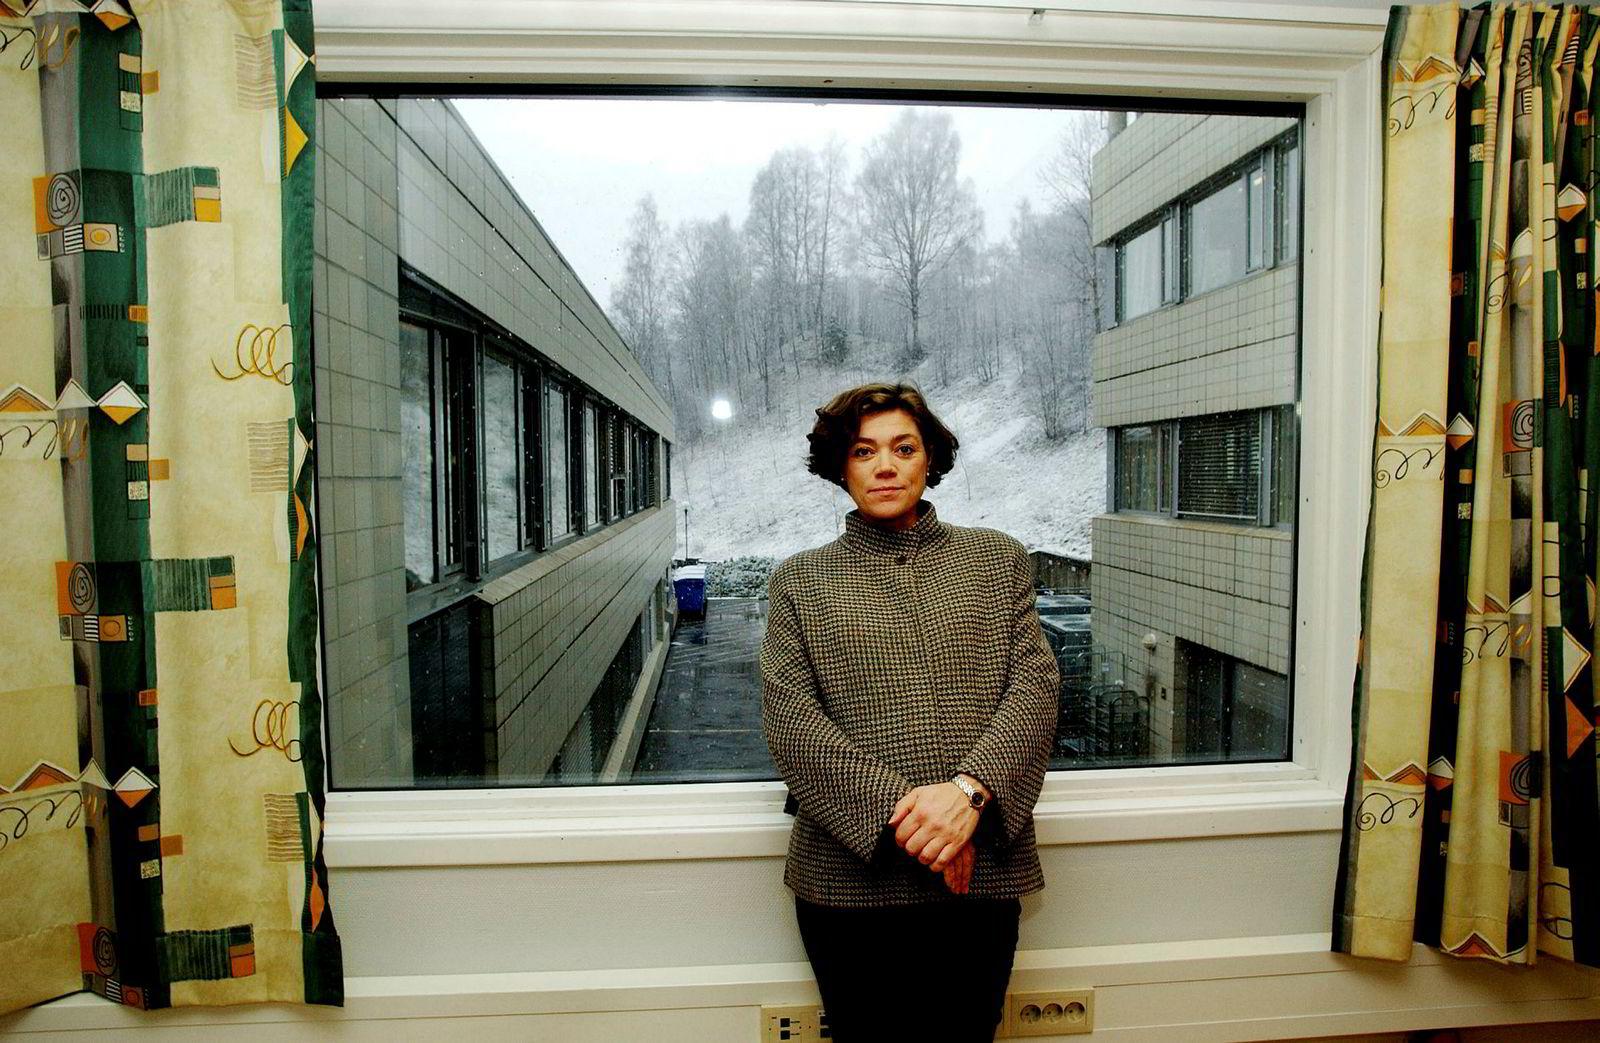 Sol-sjef Kristin Skogen Lund på kontoret i Nydalen i mars 2002.